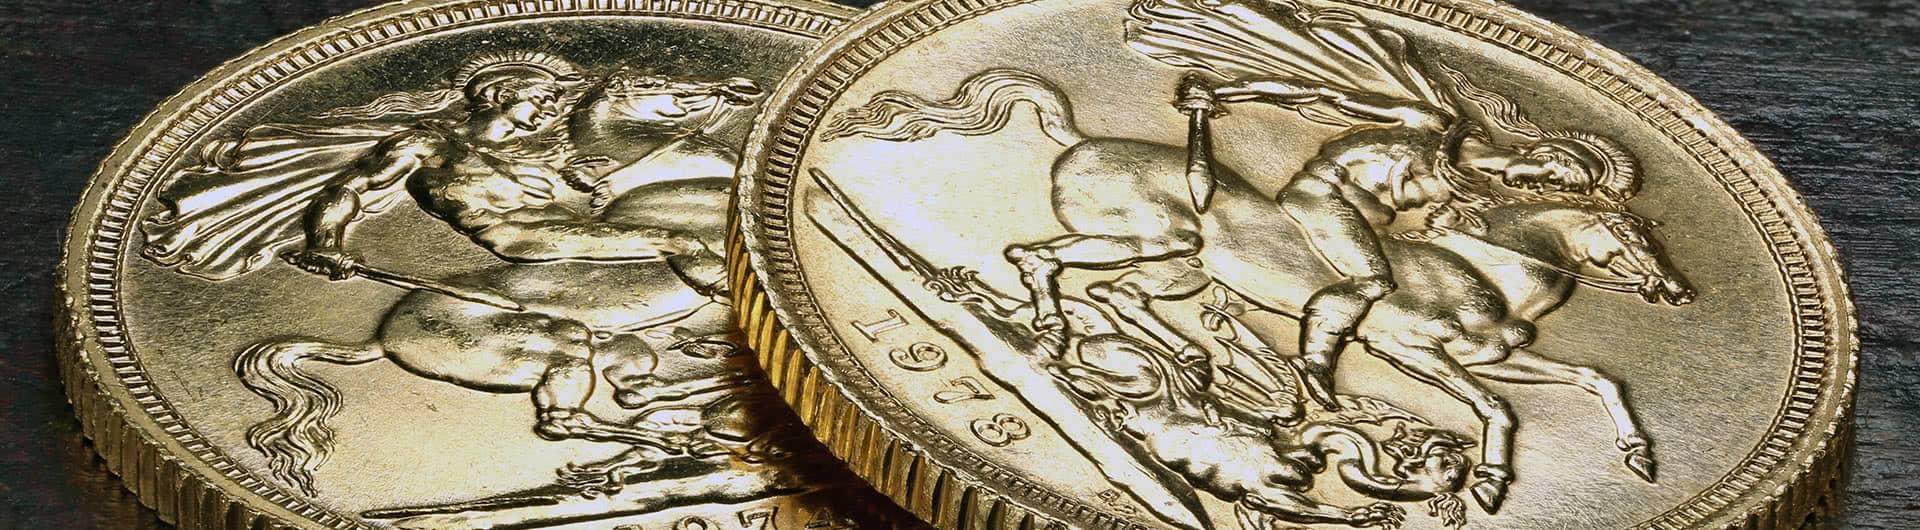 In Sammlermünzen investieren – lohnt sich das?